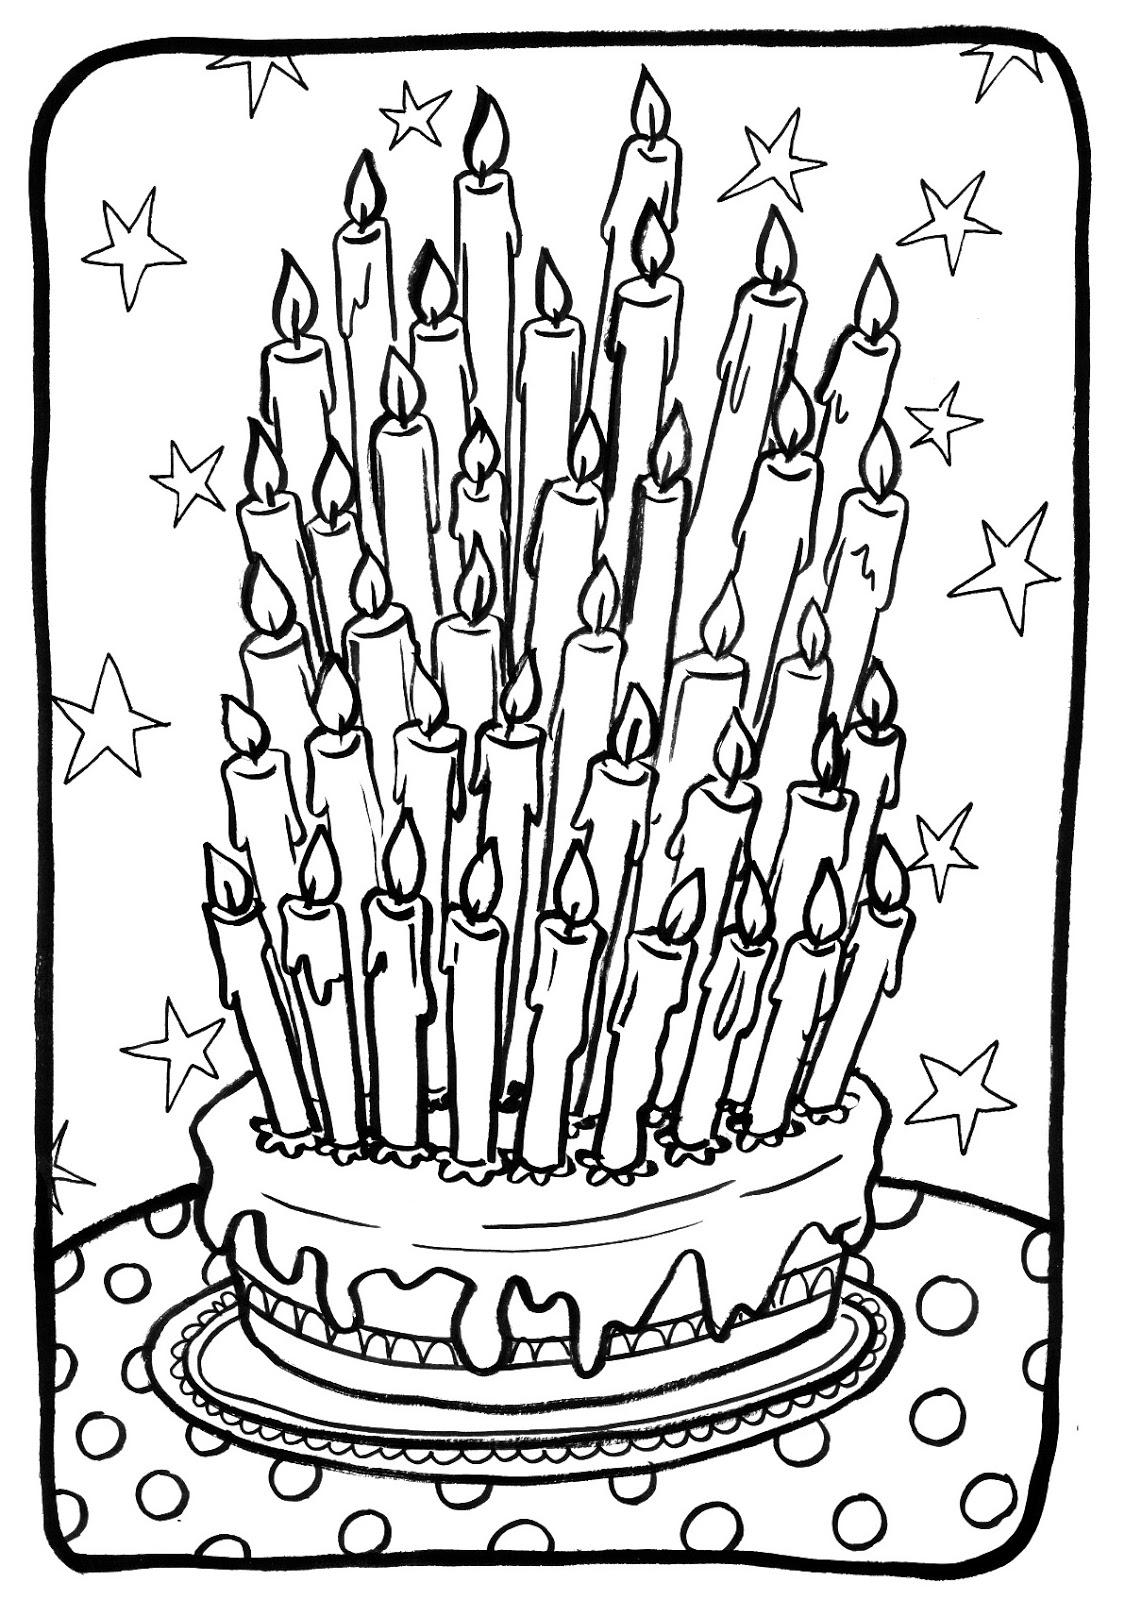 anniversaire coloriage anniversaire en ligne gratuit a dessin a colorier pour anniversaire